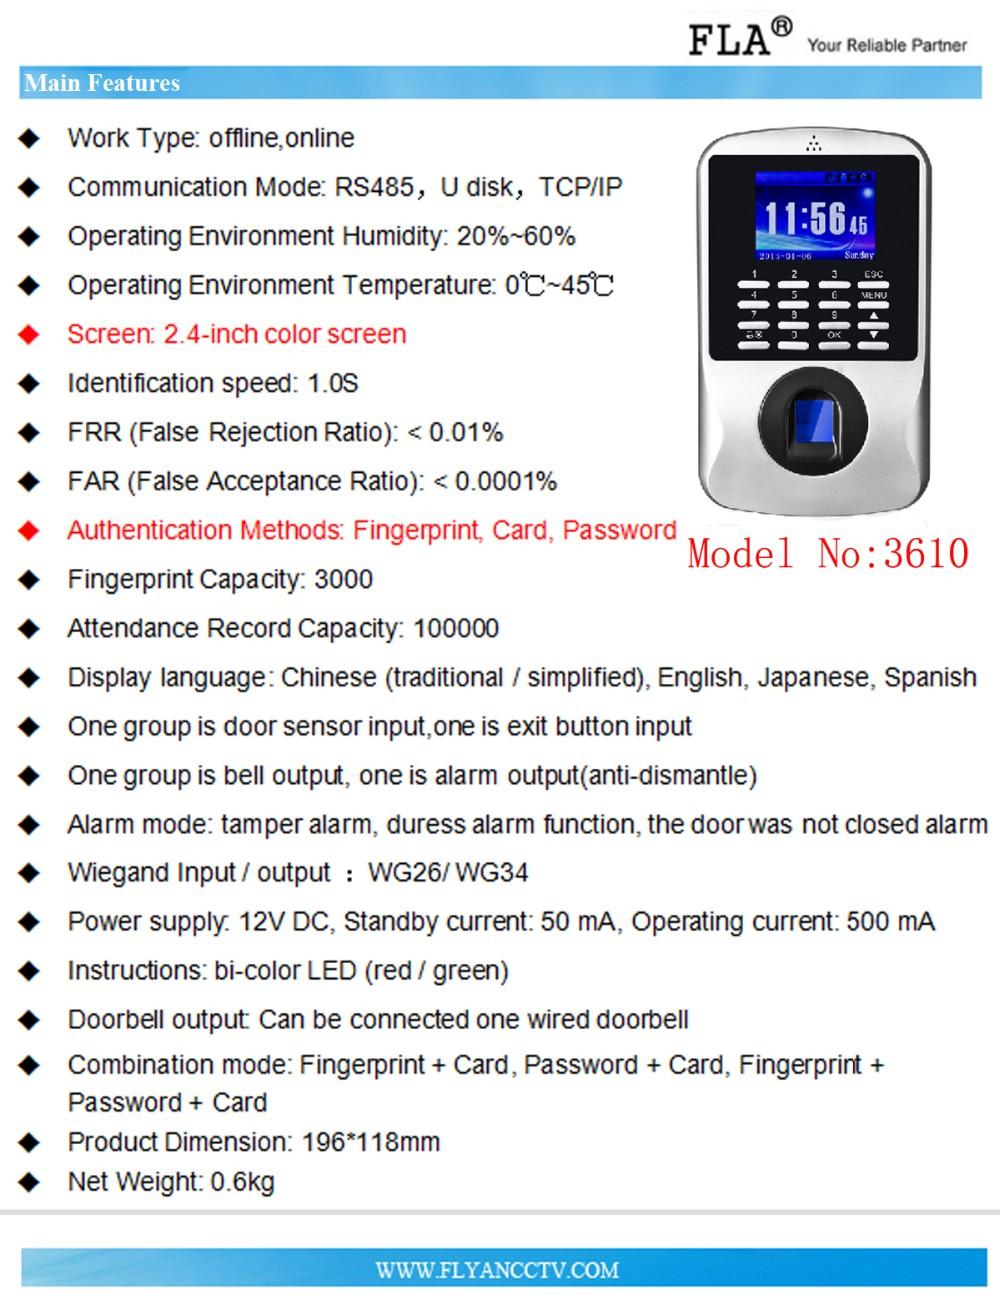 3610 Catalogue